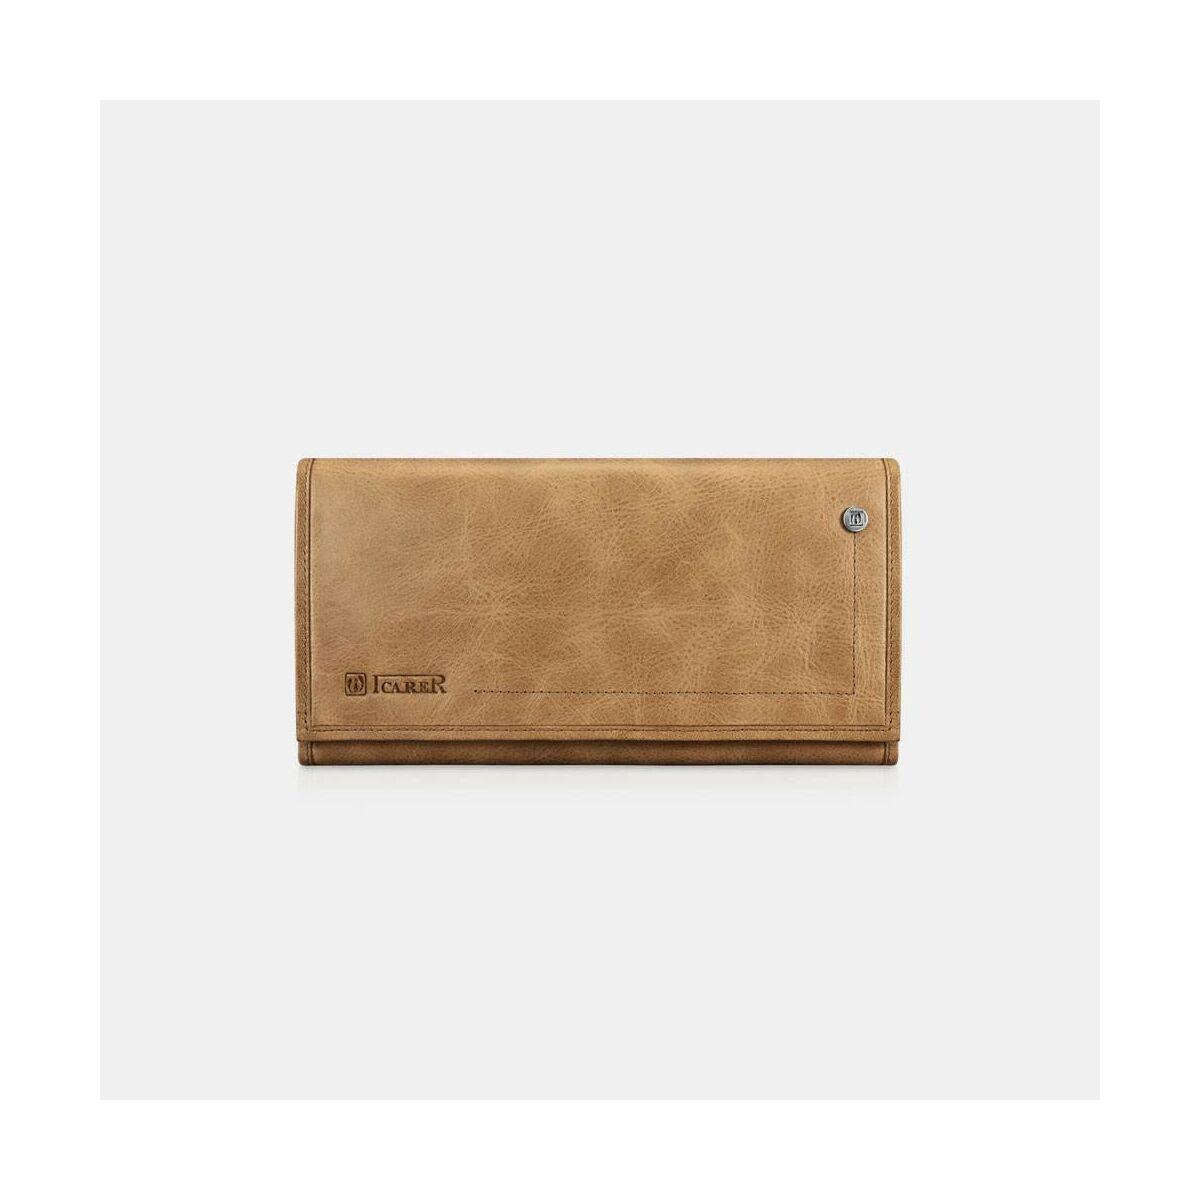 iCarer Kiegészítő Tárca növényi cserzett bőr Three Fold világos barna